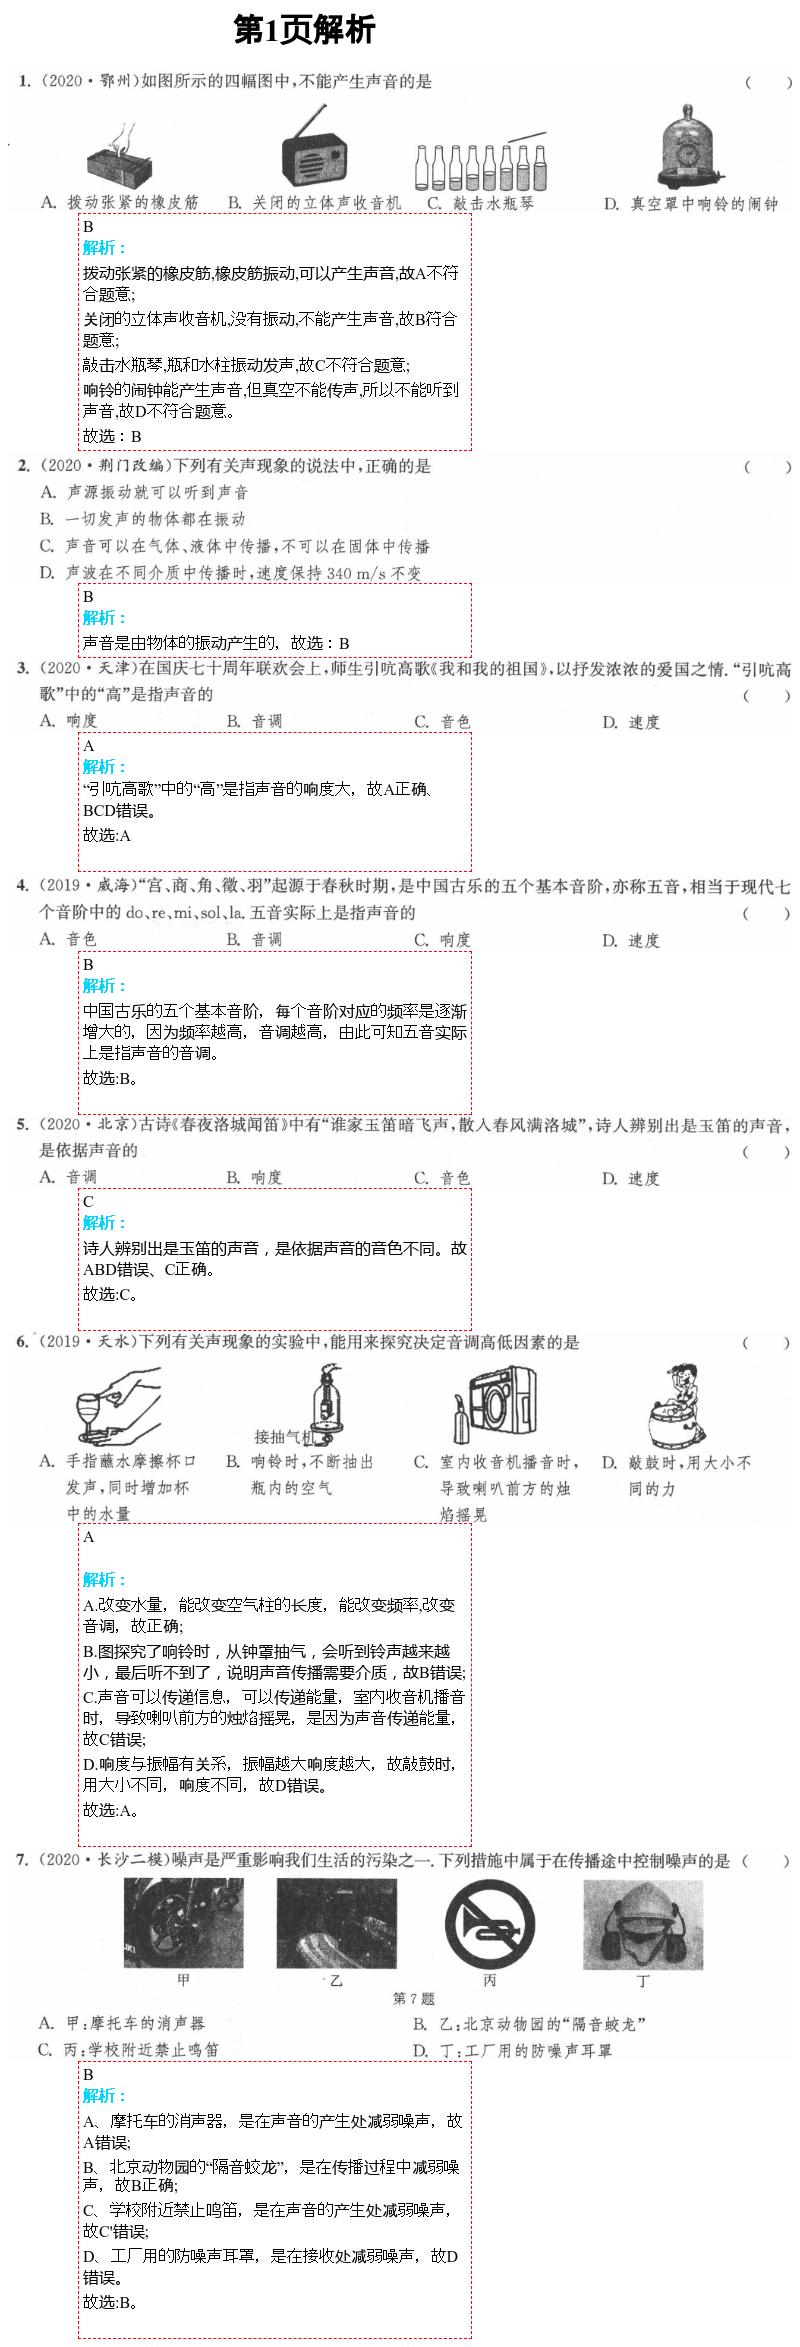 2021年通城学典课时作业本八年级物理上册苏科版江苏专版参考答案第1页